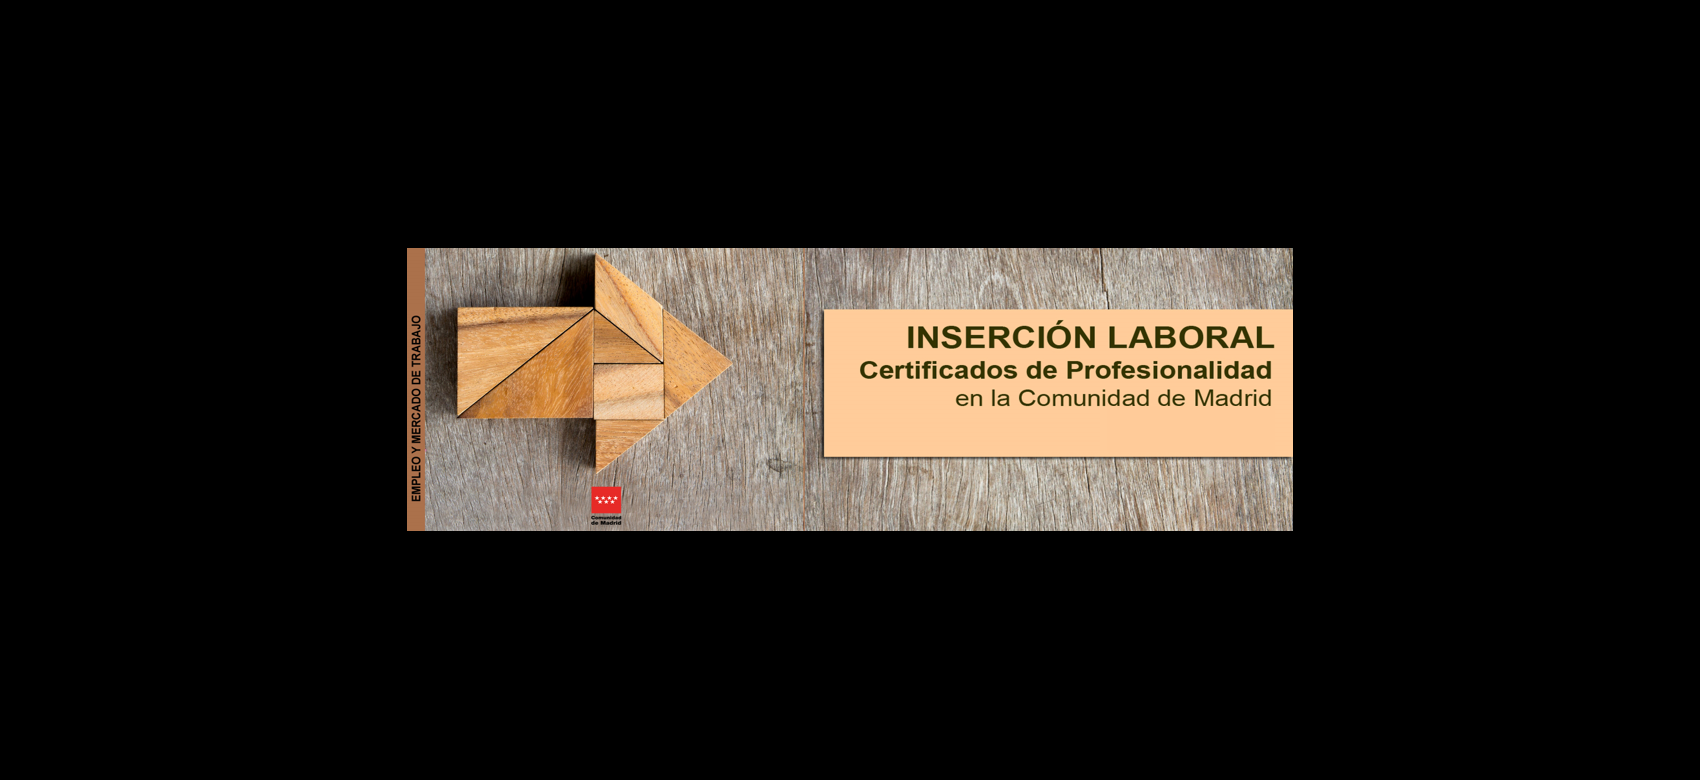 flecha de madera que apunta al título de certificados de profesionalidad